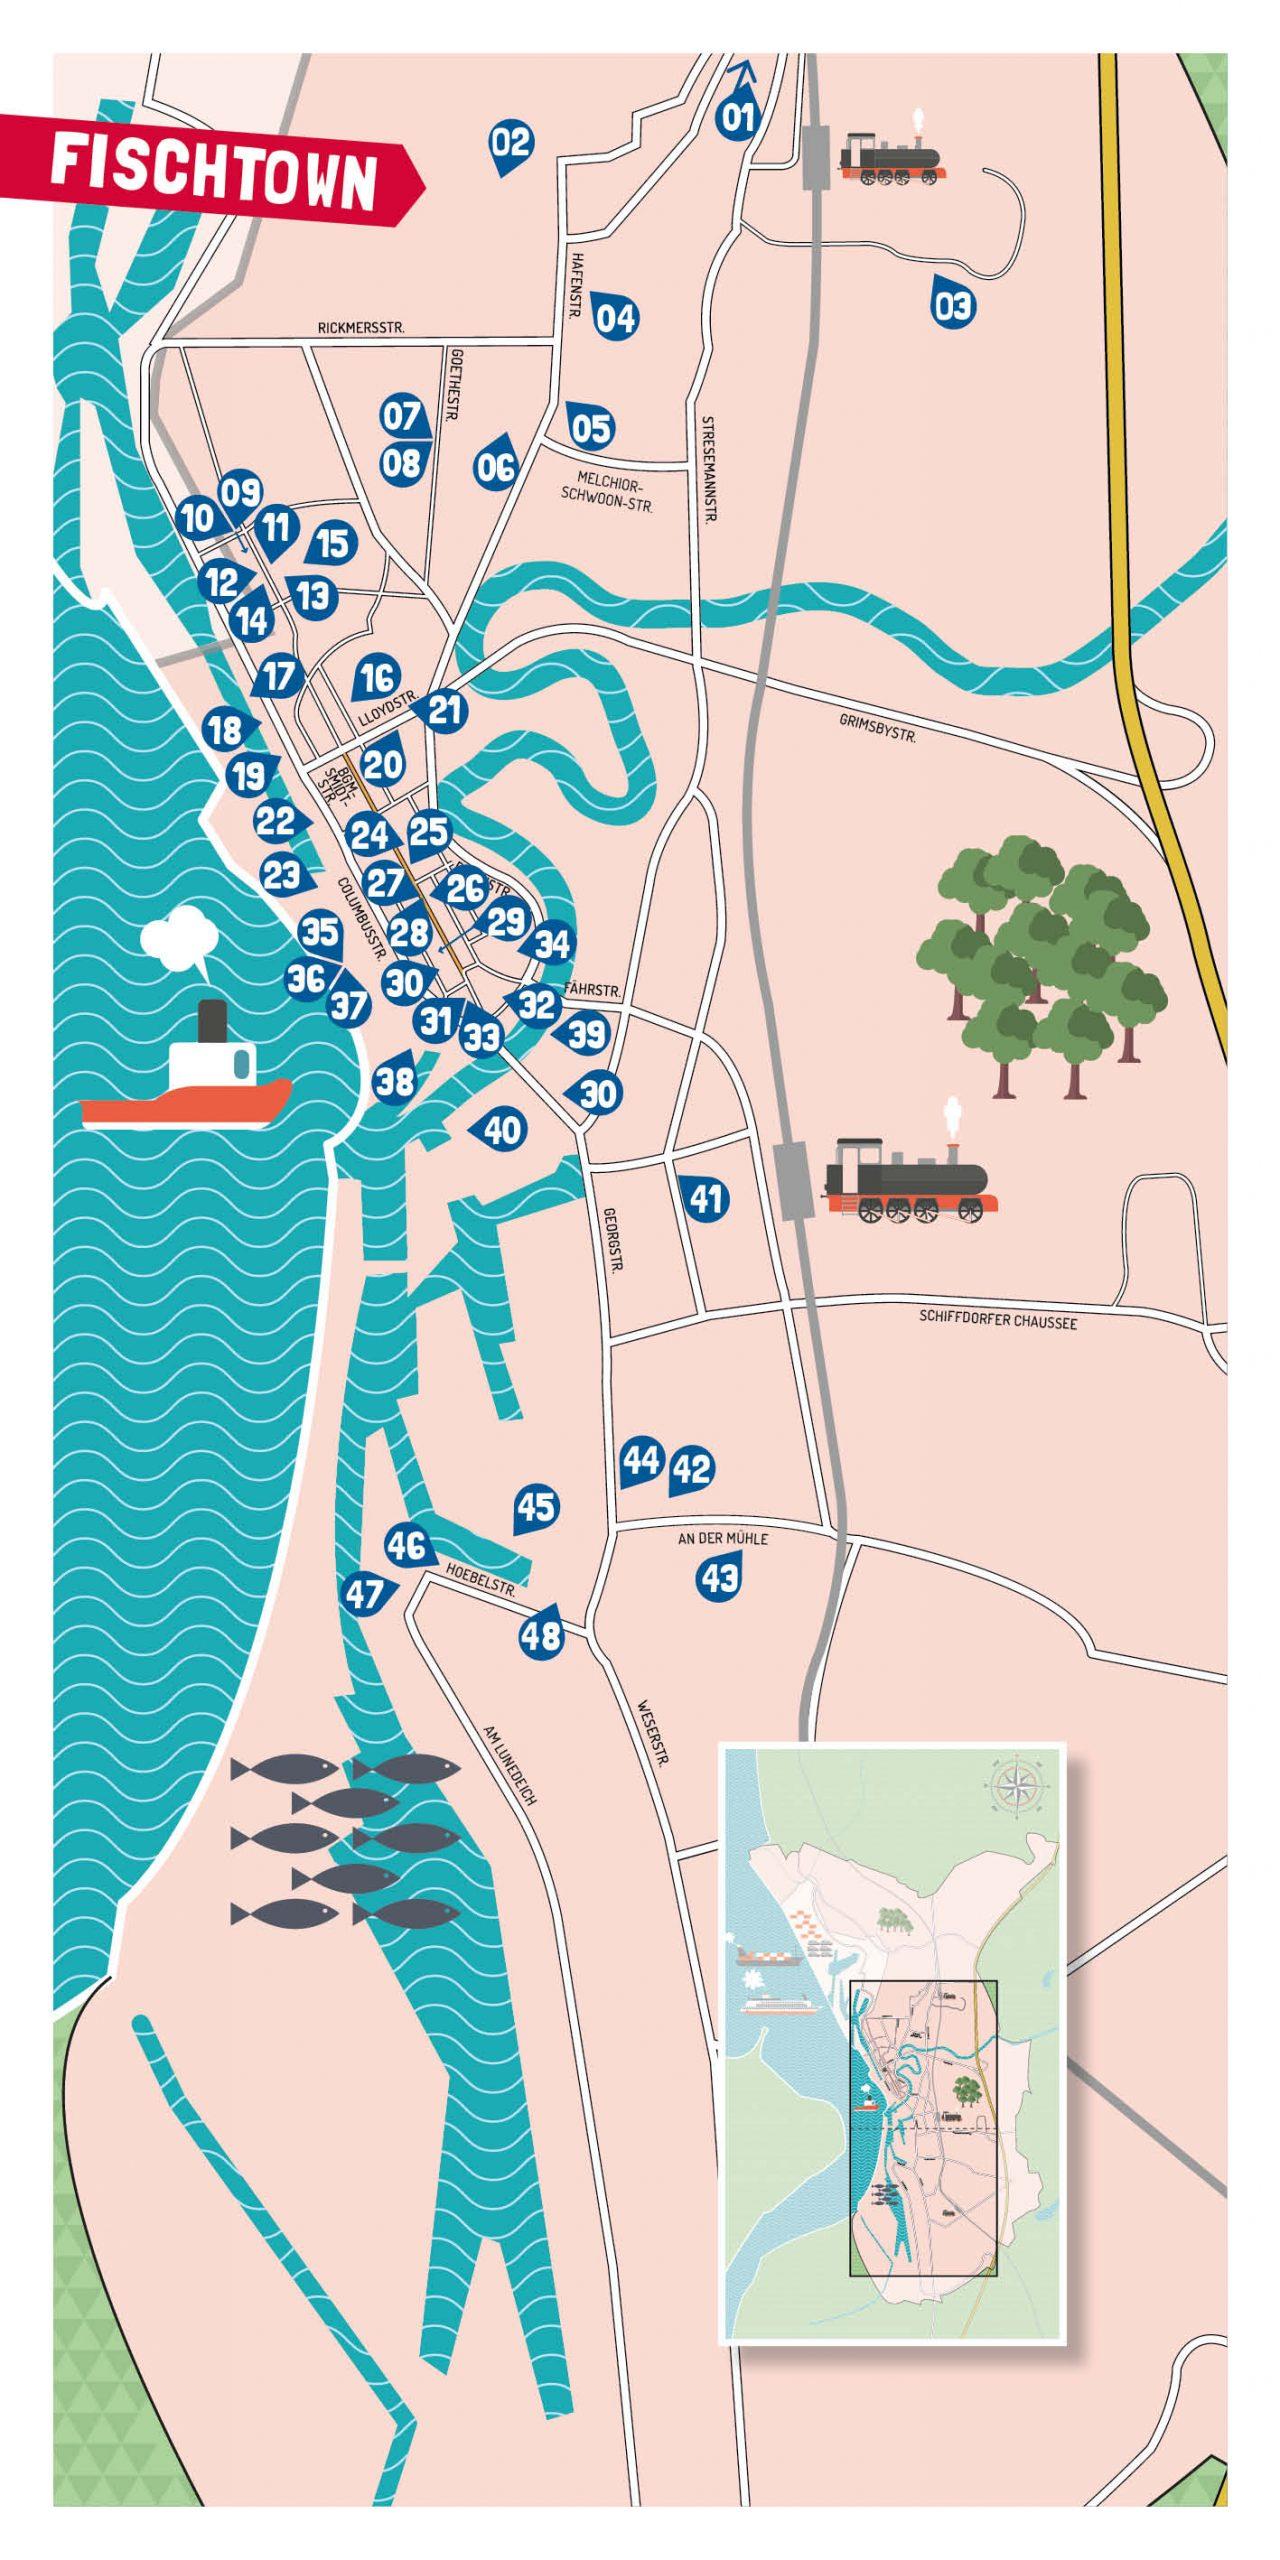 48 Bühnen der Langen Nacht der Kultur in Bremerhaven Spielorte auf einer Grafik dargestellt